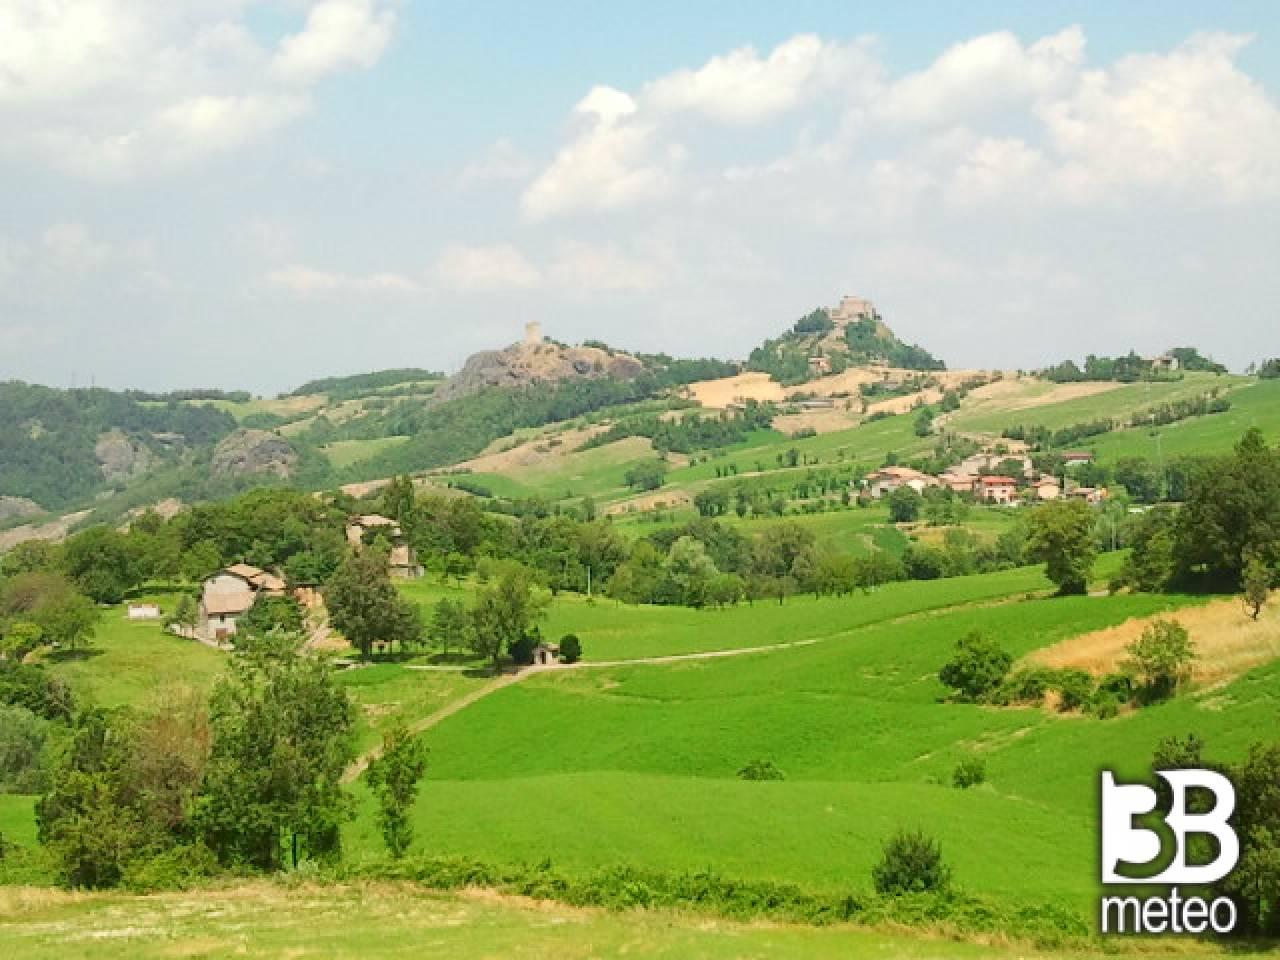 Il castello di rossena foto gallery 3b meteo - 3b meteo bagno di romagna ...